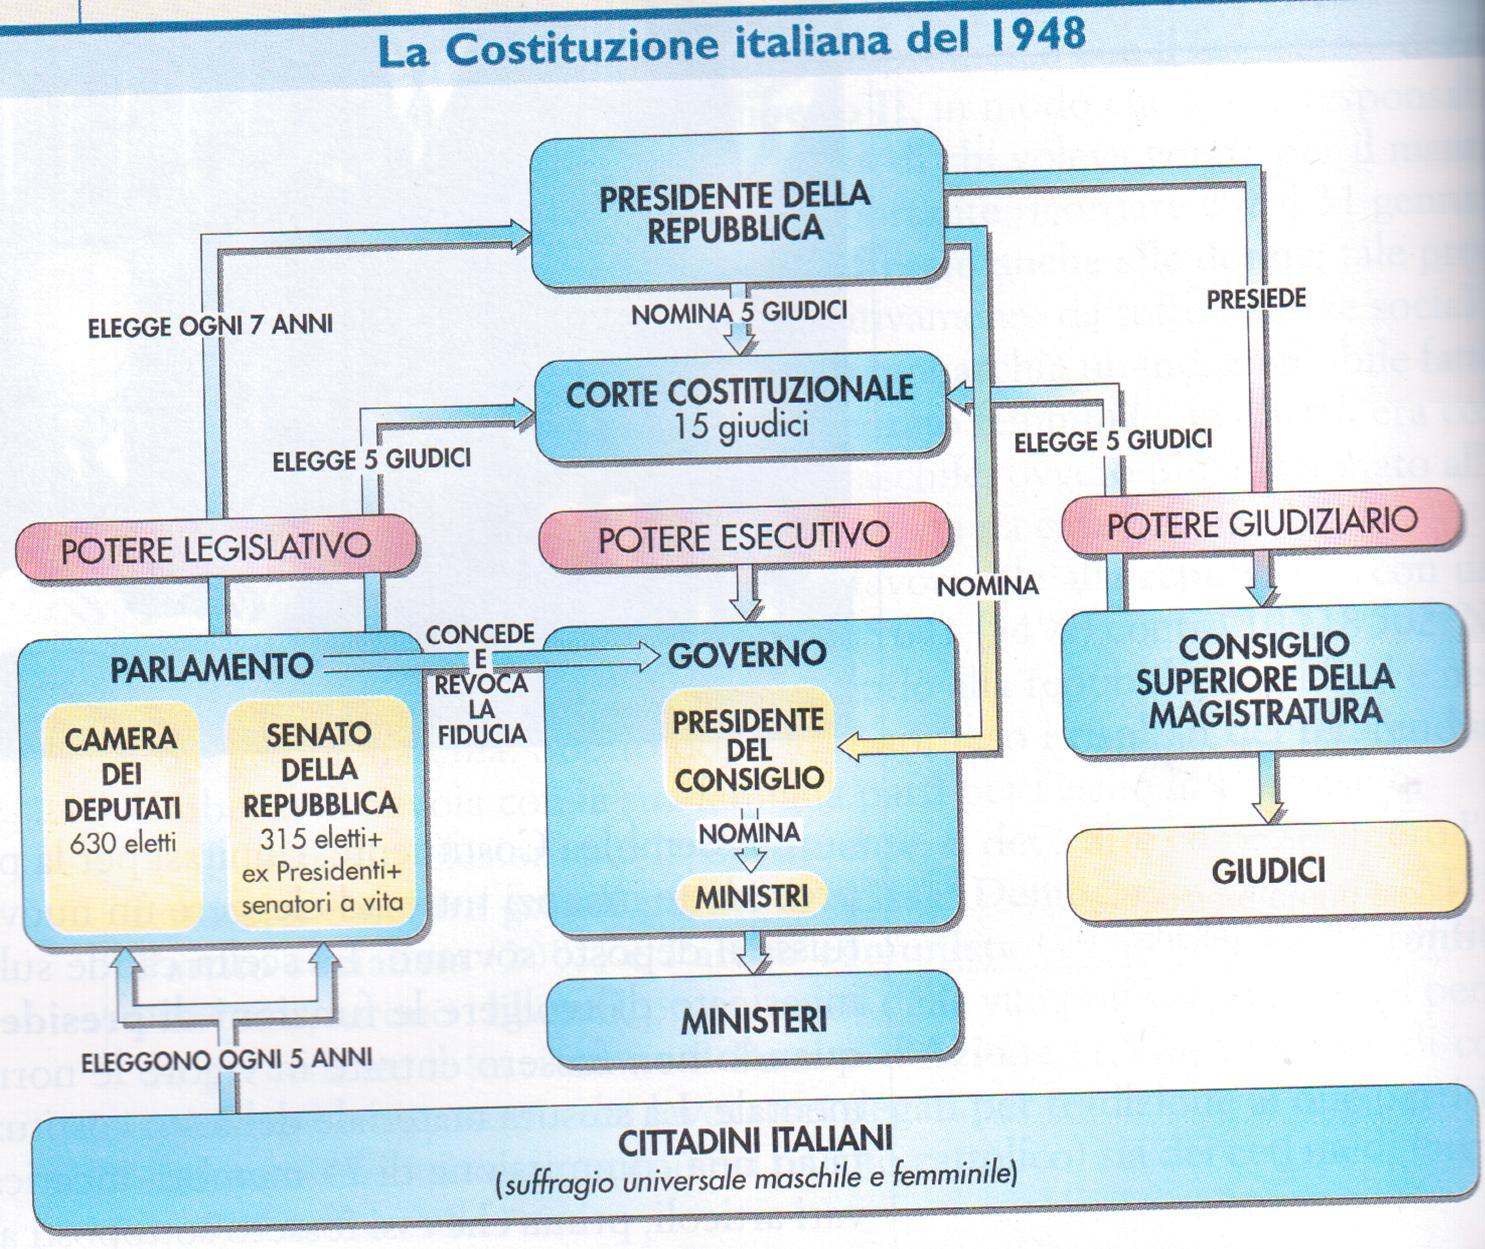 La costituzione e lo stato italiano a d school for Struttura del parlamento